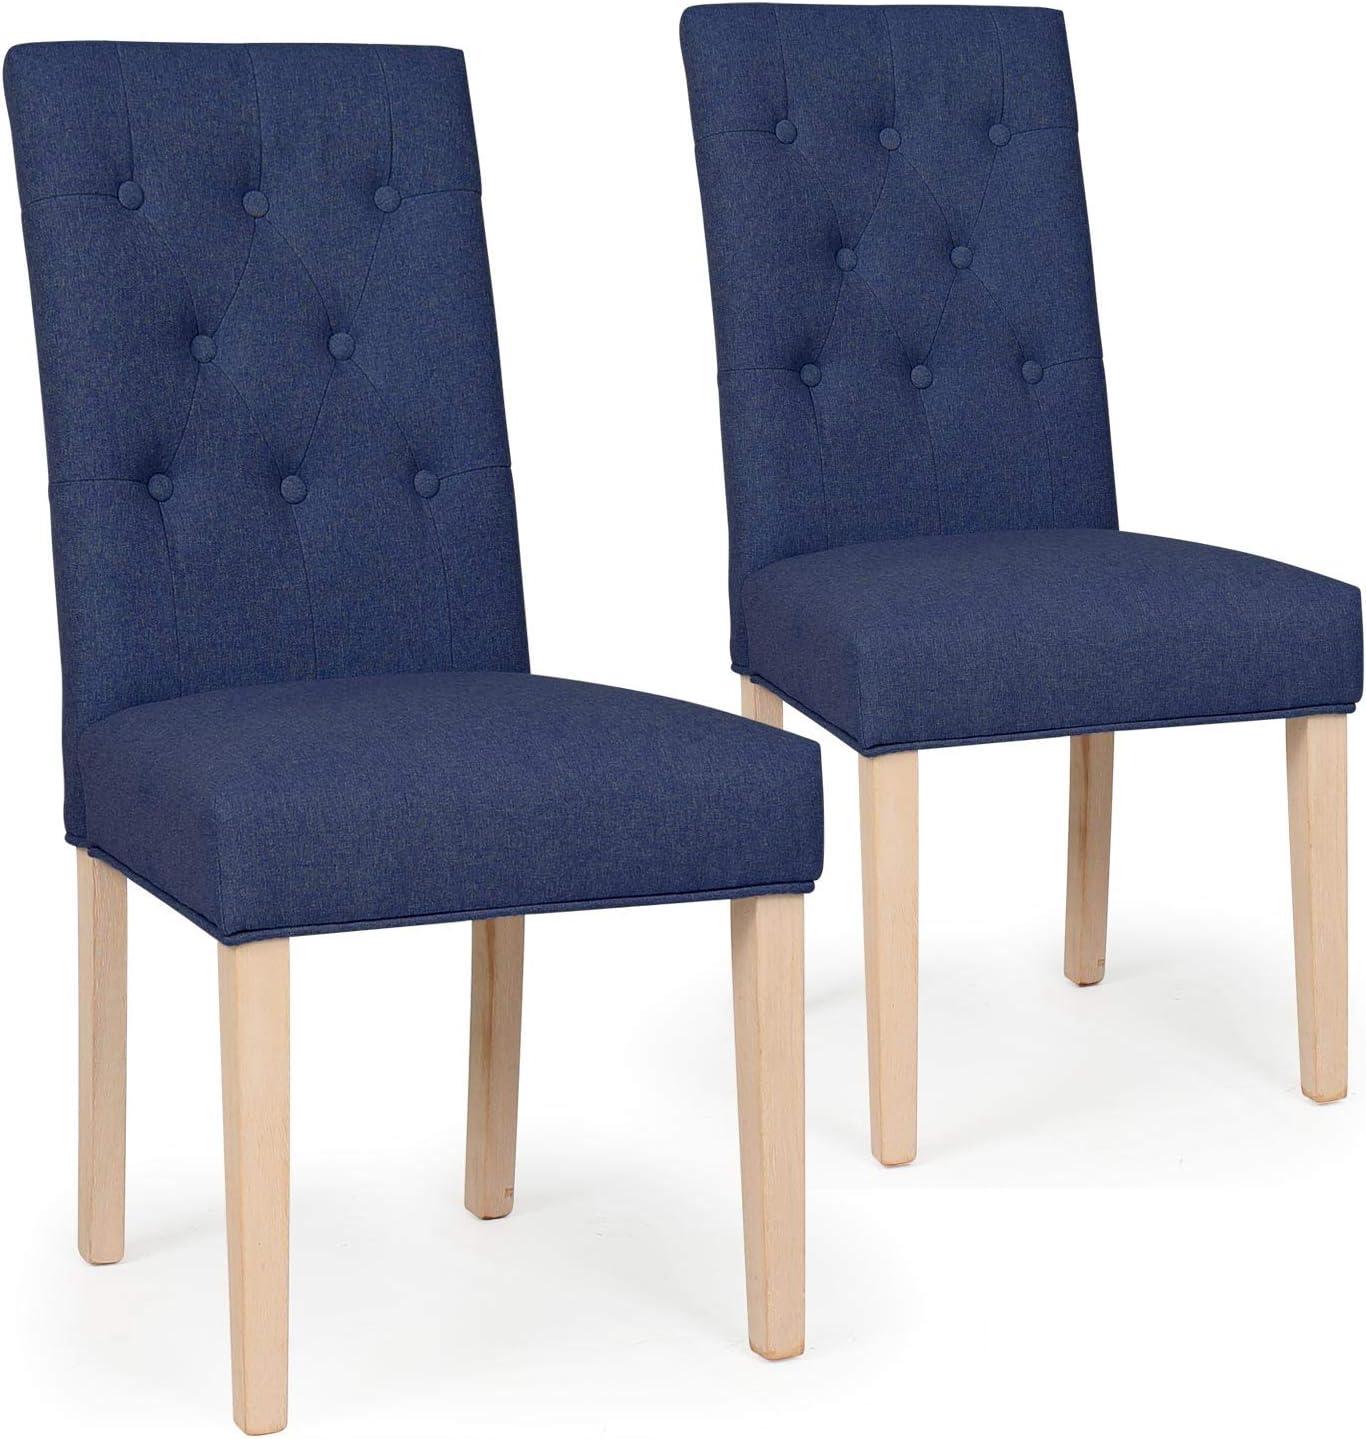 Menzzo – Juego de 2 sillas capitonnées Gaya Tejido Azul Turquesa: Amazon.es: Hogar